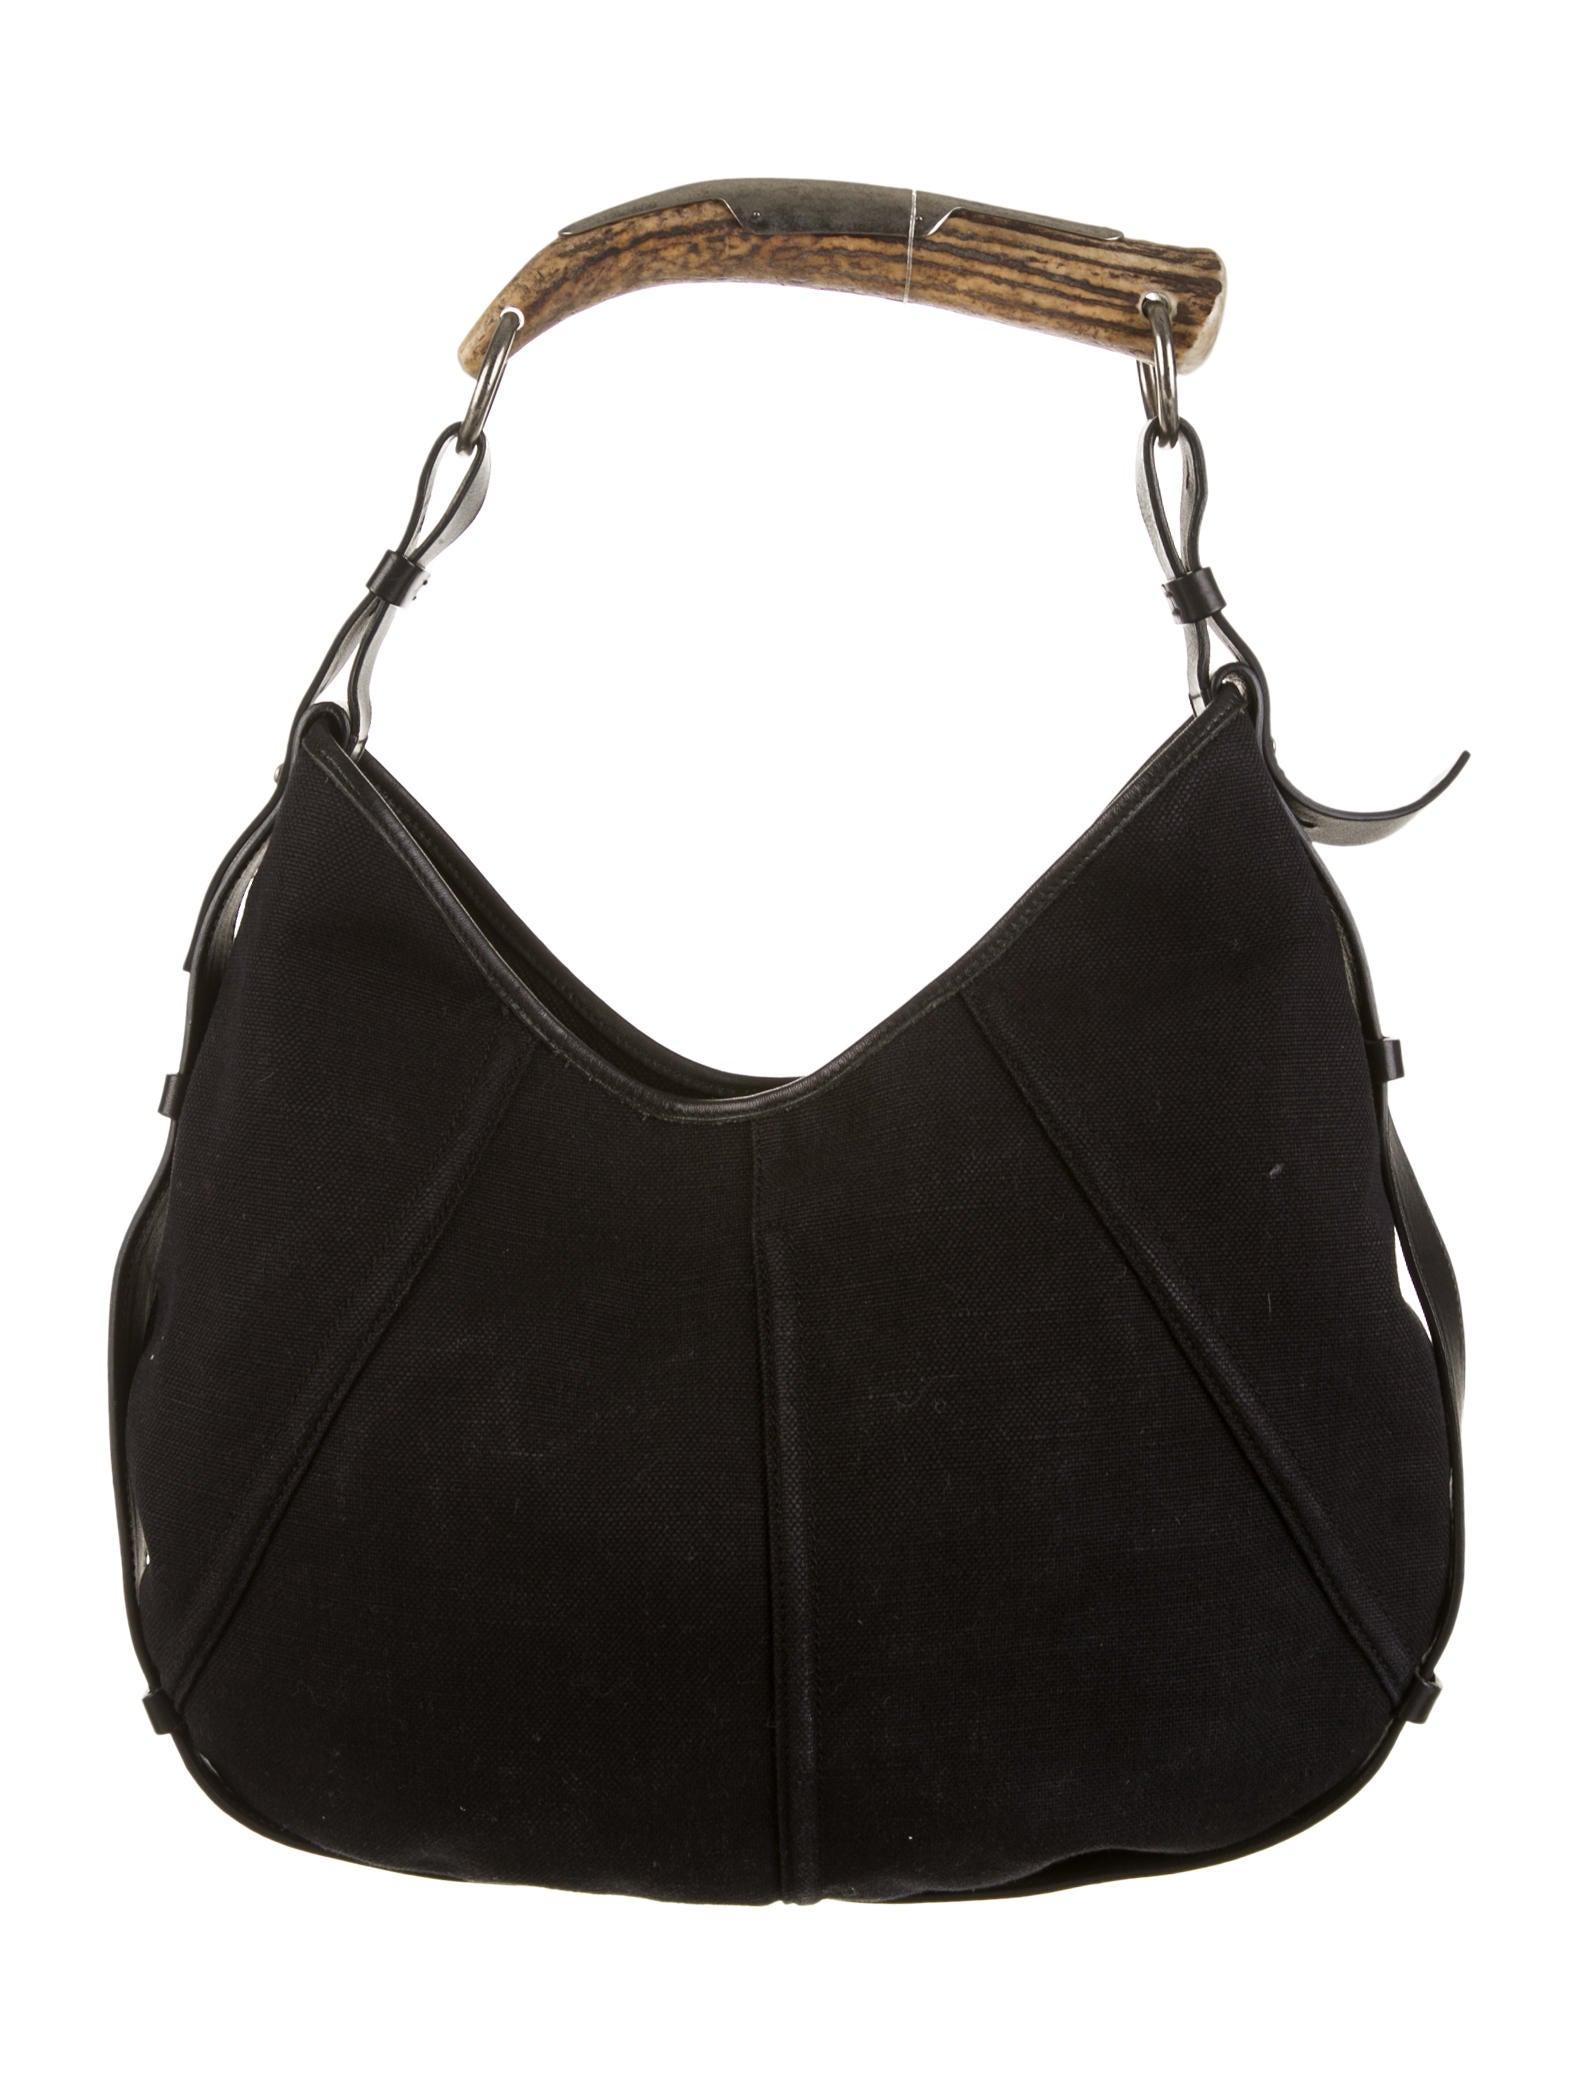 Yves Saint Laurent Mombasa Bag - Handbags - YVE31971 | The RealReal